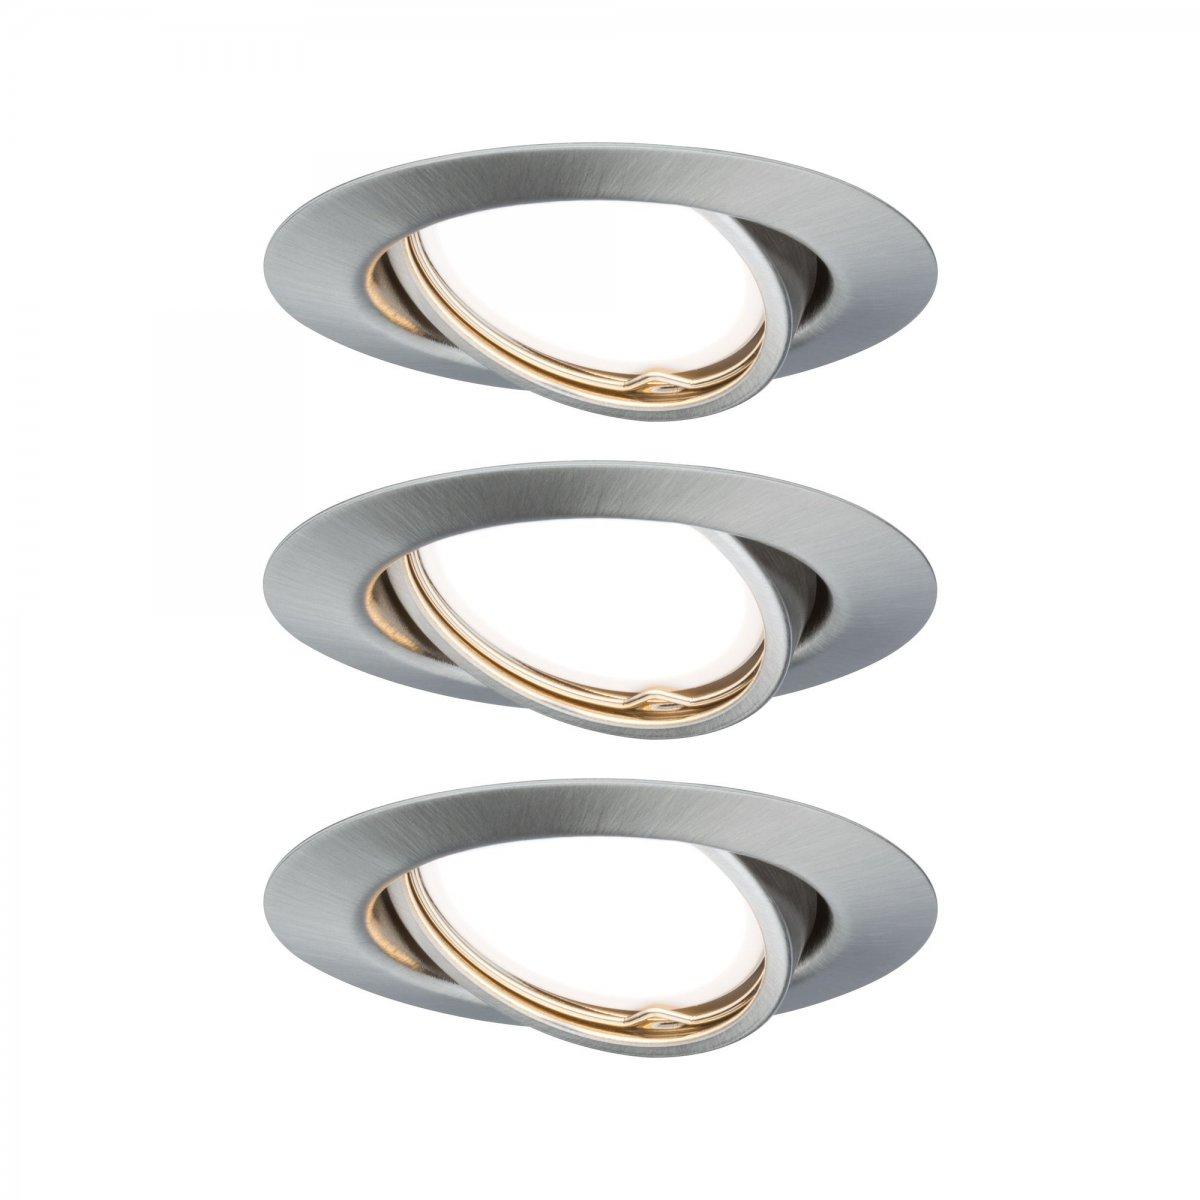 Beliebt Paulmann No. 93420 LED Einbauleuchten Set Base schwenkbar, 3 x 5W DJ42